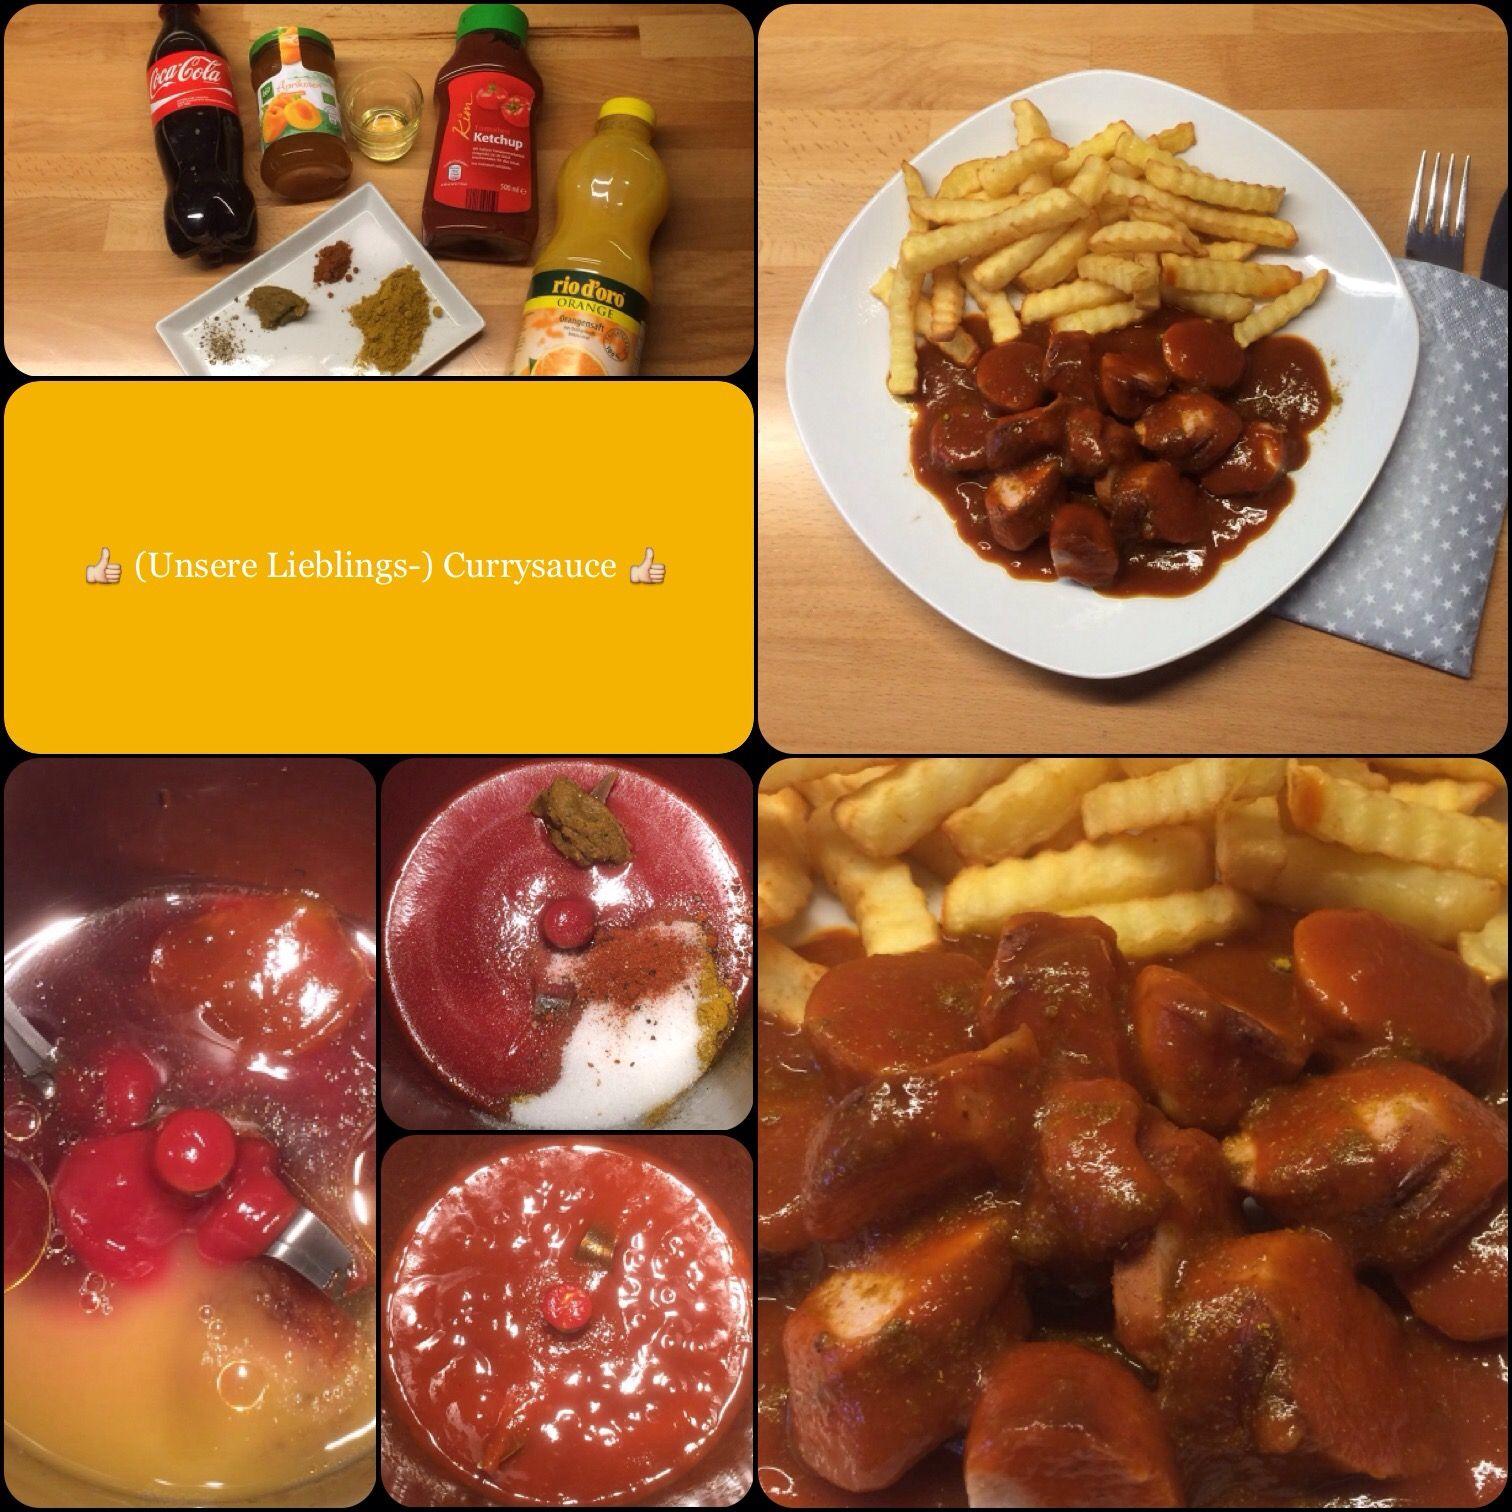 Currysauce Selber Machen Mit Cola